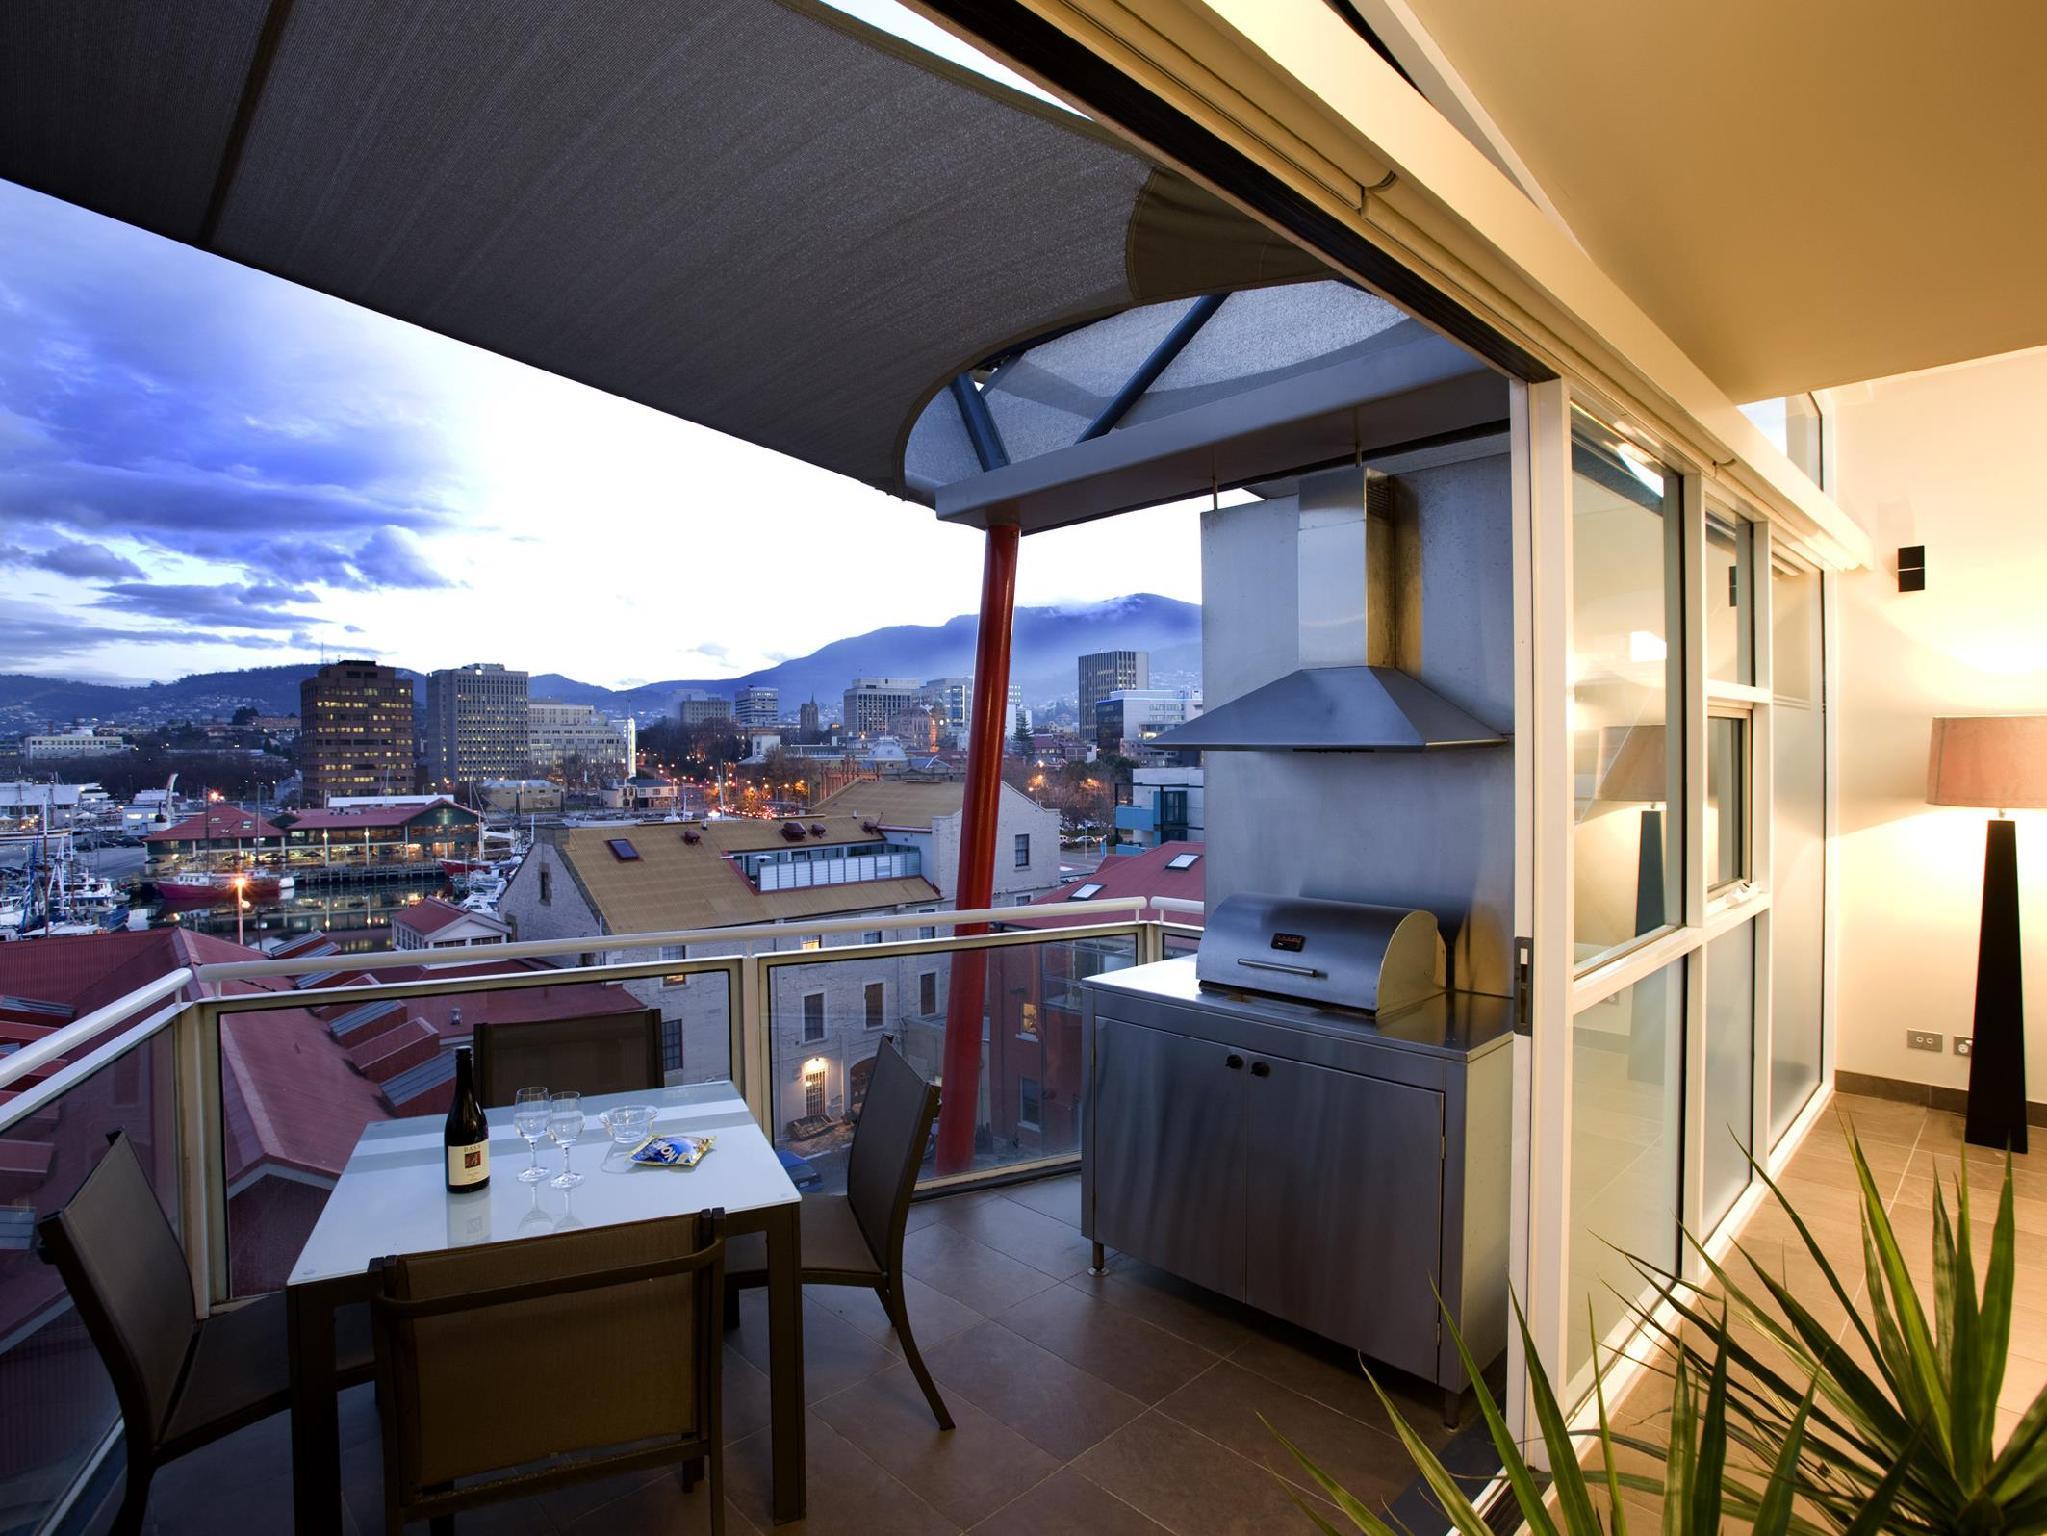 More About Sullivans Cove Apartments